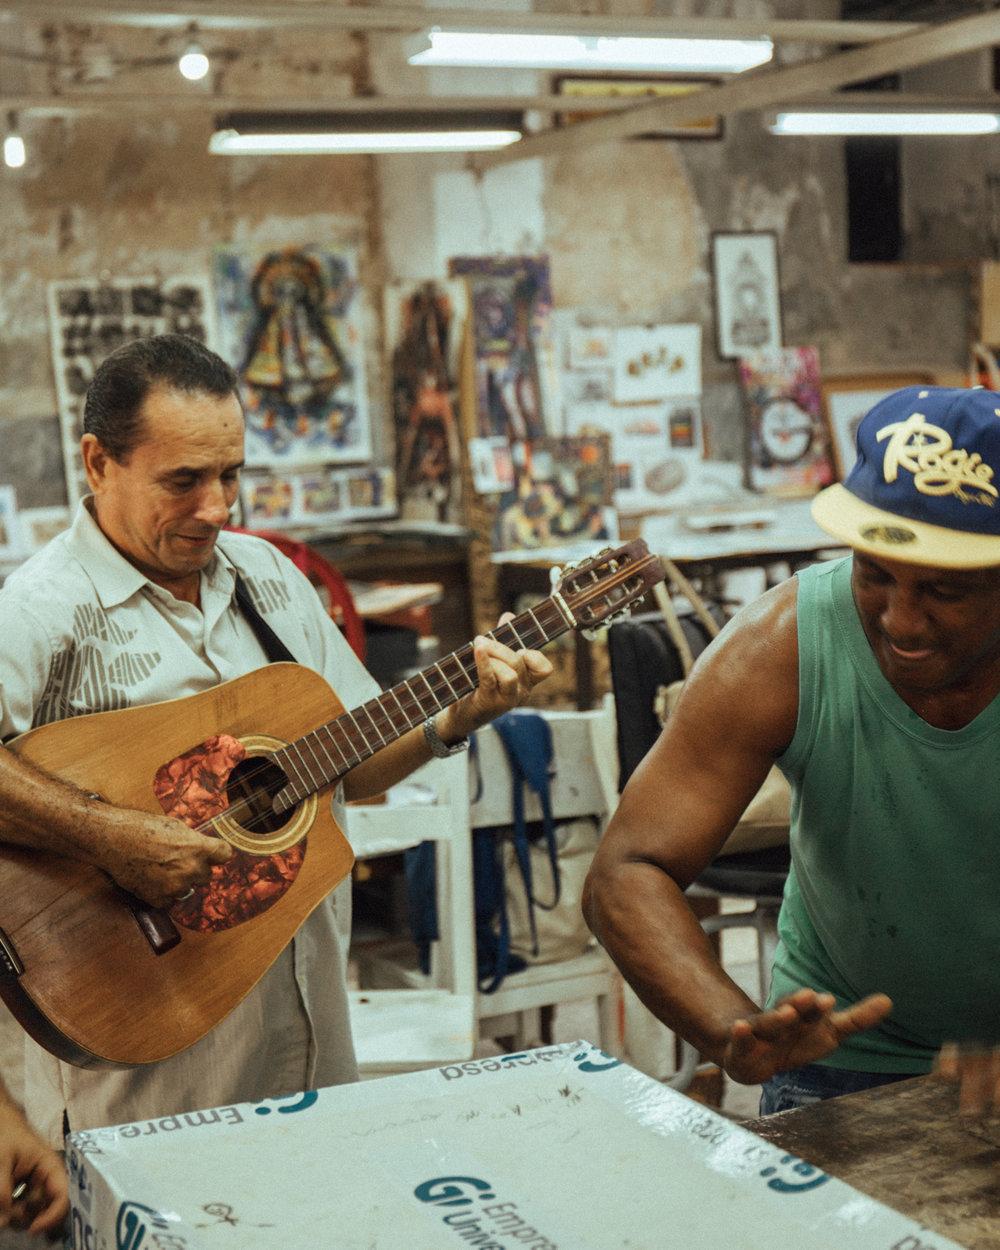 Postcards_From_Cuba_Javi_visits_Hotel_weekend12.jpg